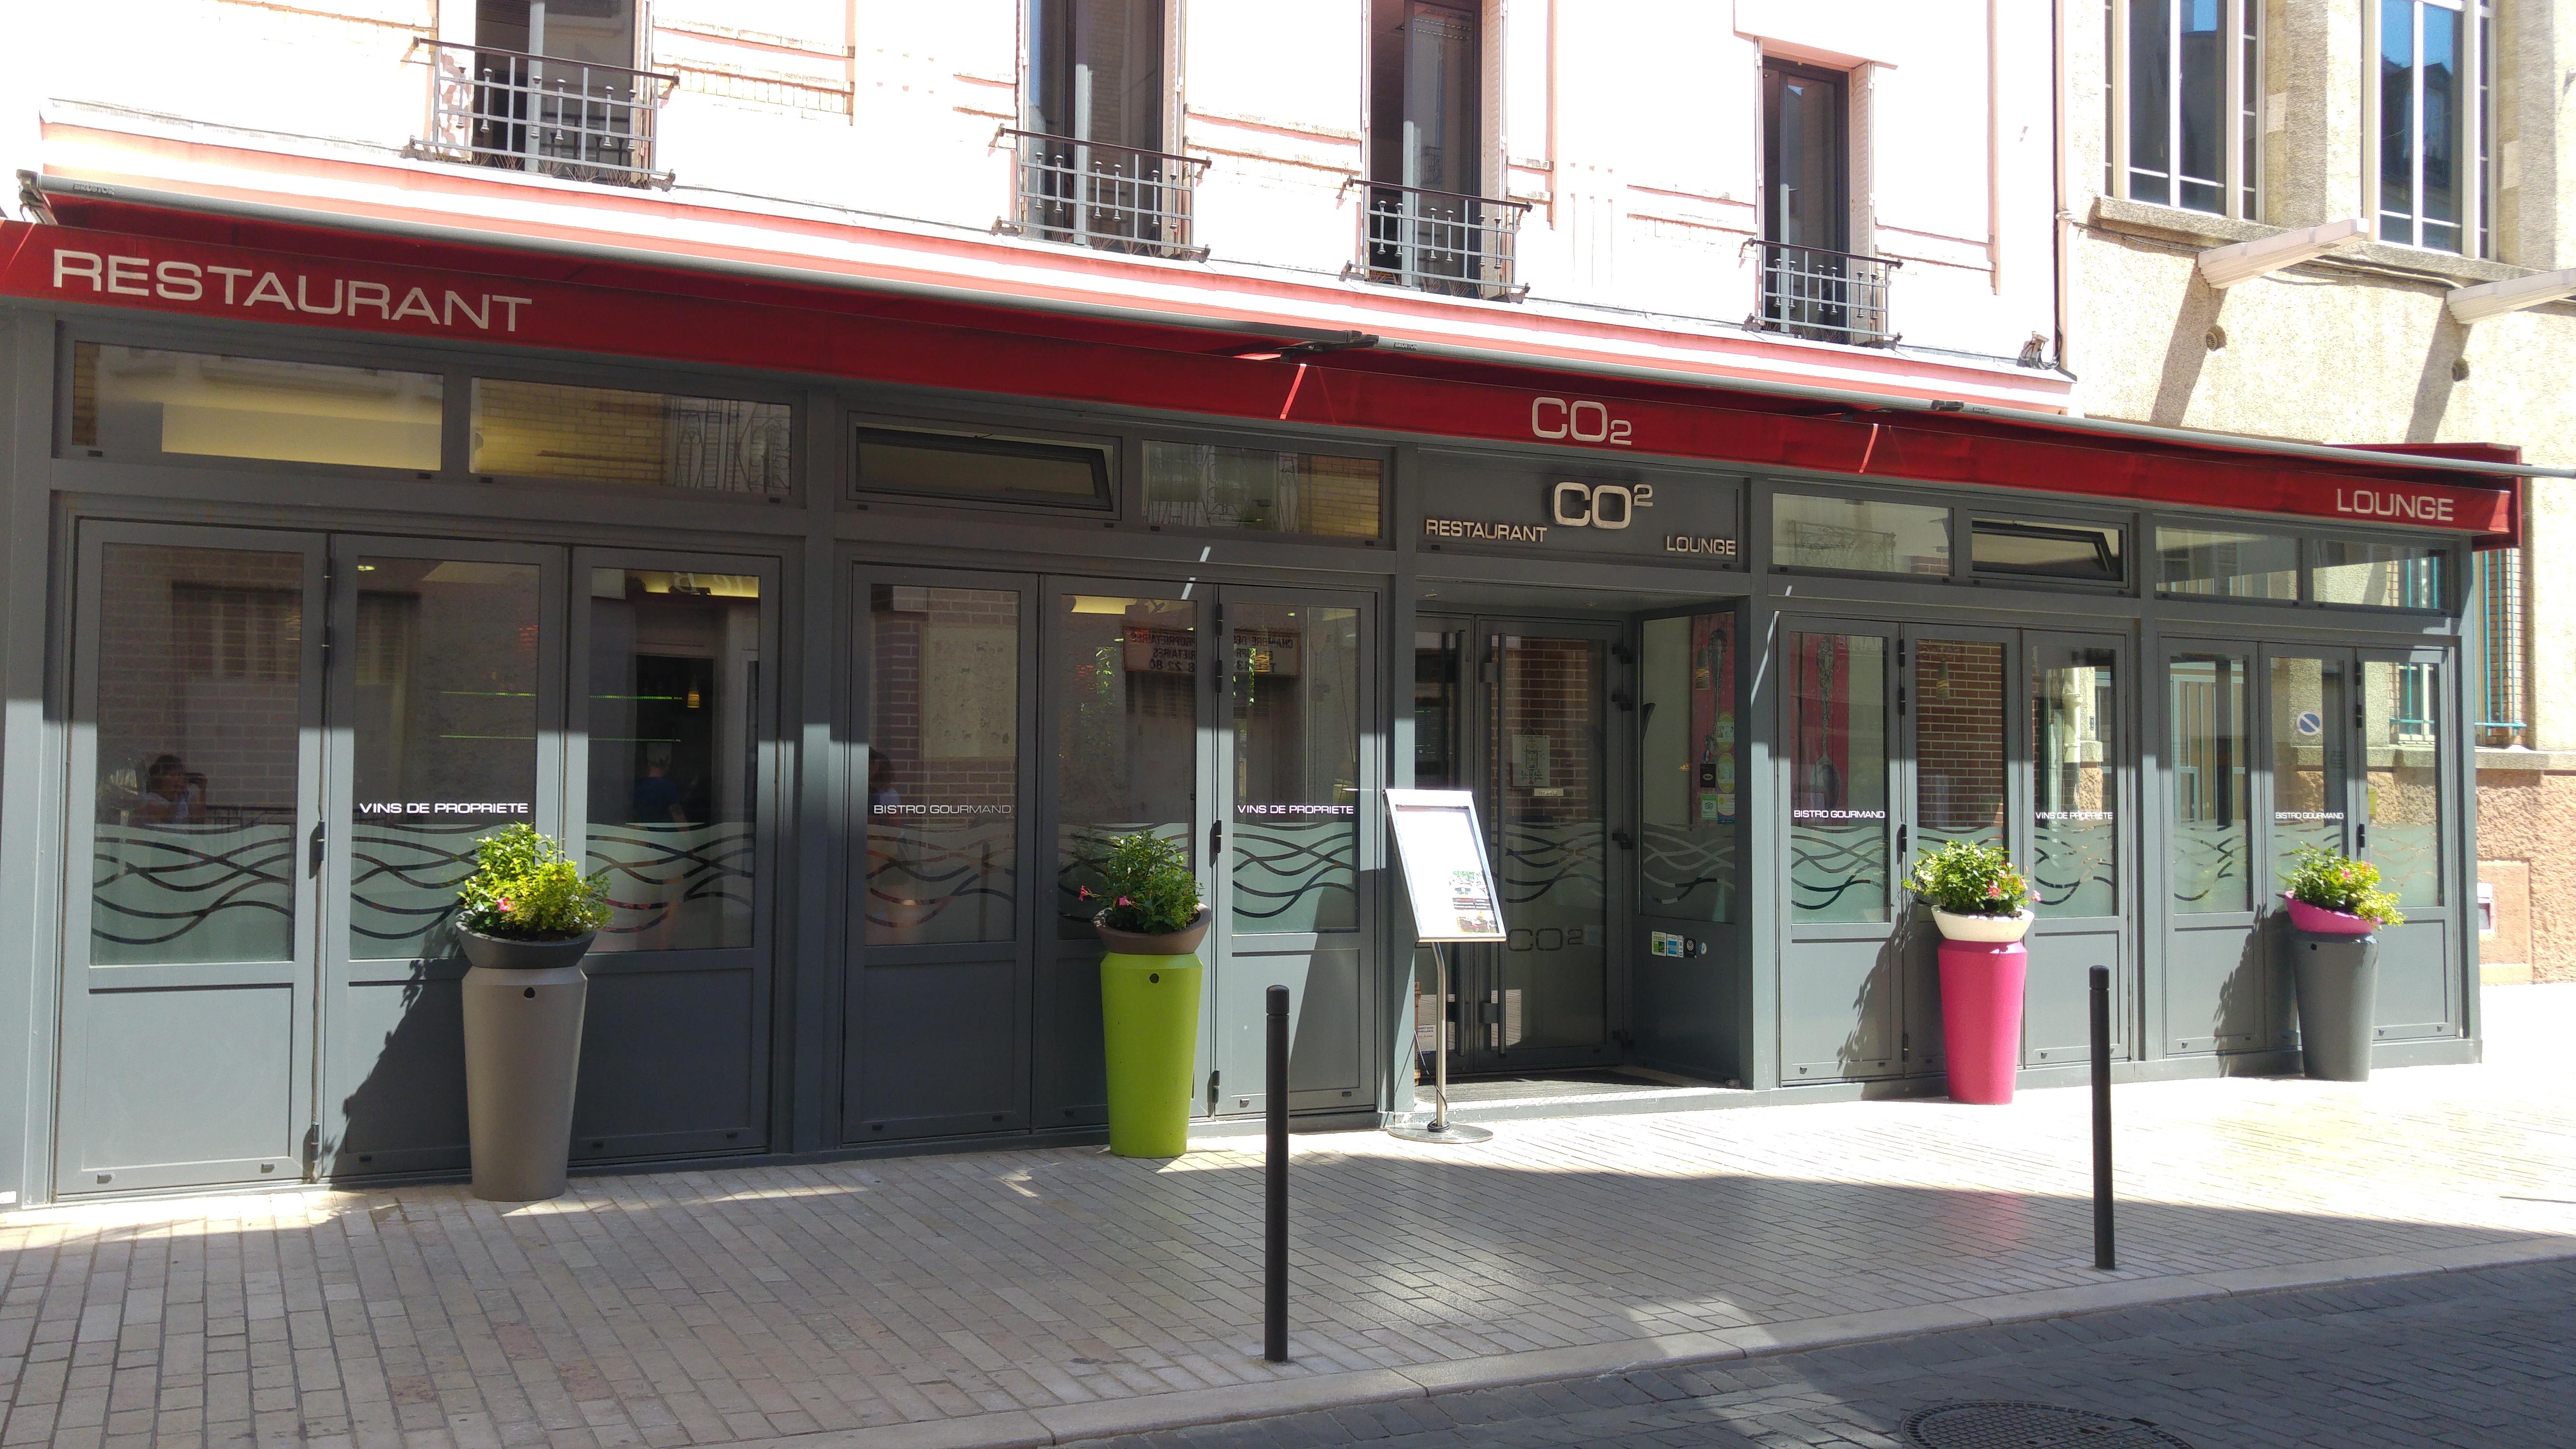 Restaurant CO2